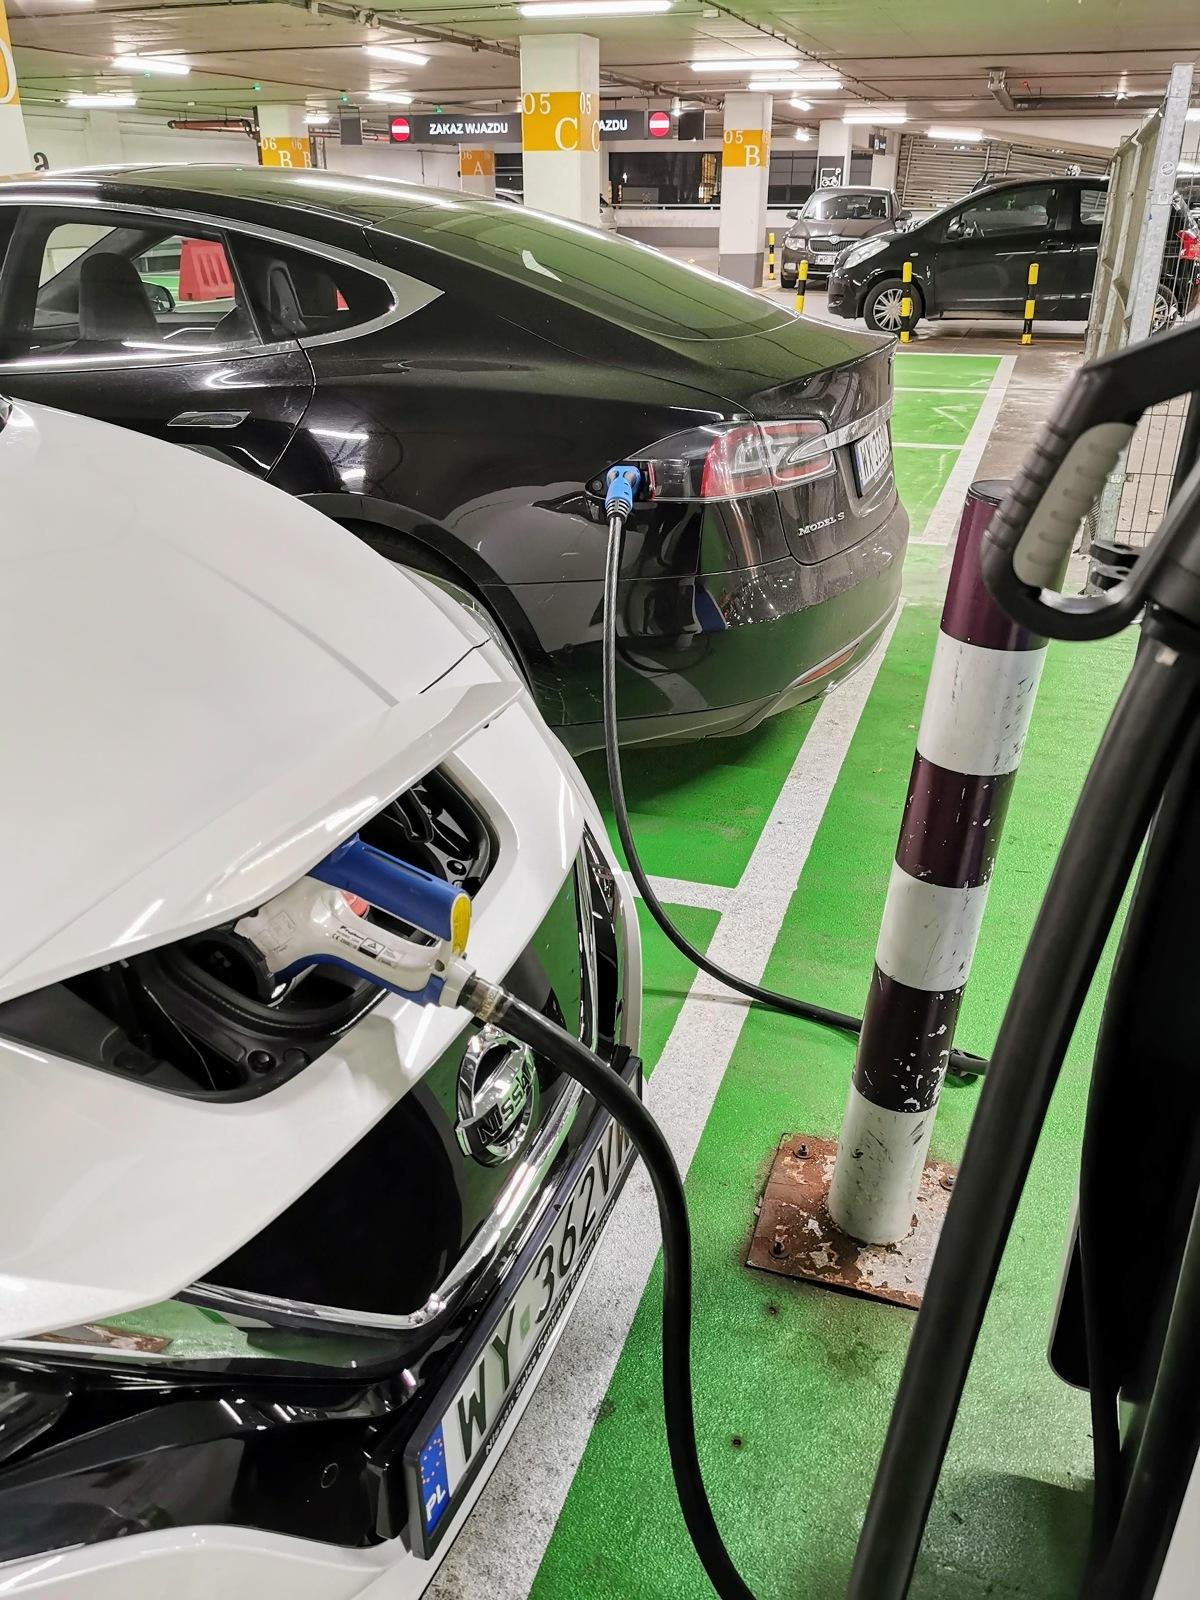 W pierwszej części raportu Motofaktów, poznaliśmy zawiłości ładowania samochodu elektrycznego w budynku wielorodzinnym, wspólnotowej hali garażowej i domu jednorodzinnym. Dziś zapraszamy na część drugą, w której zapoznamy się z niespodziankami, czyhającymi na właścicieli rozładowanych samochodów elektrycznych w miejskiej dżungli.  Fot. Jacek Wasilewski